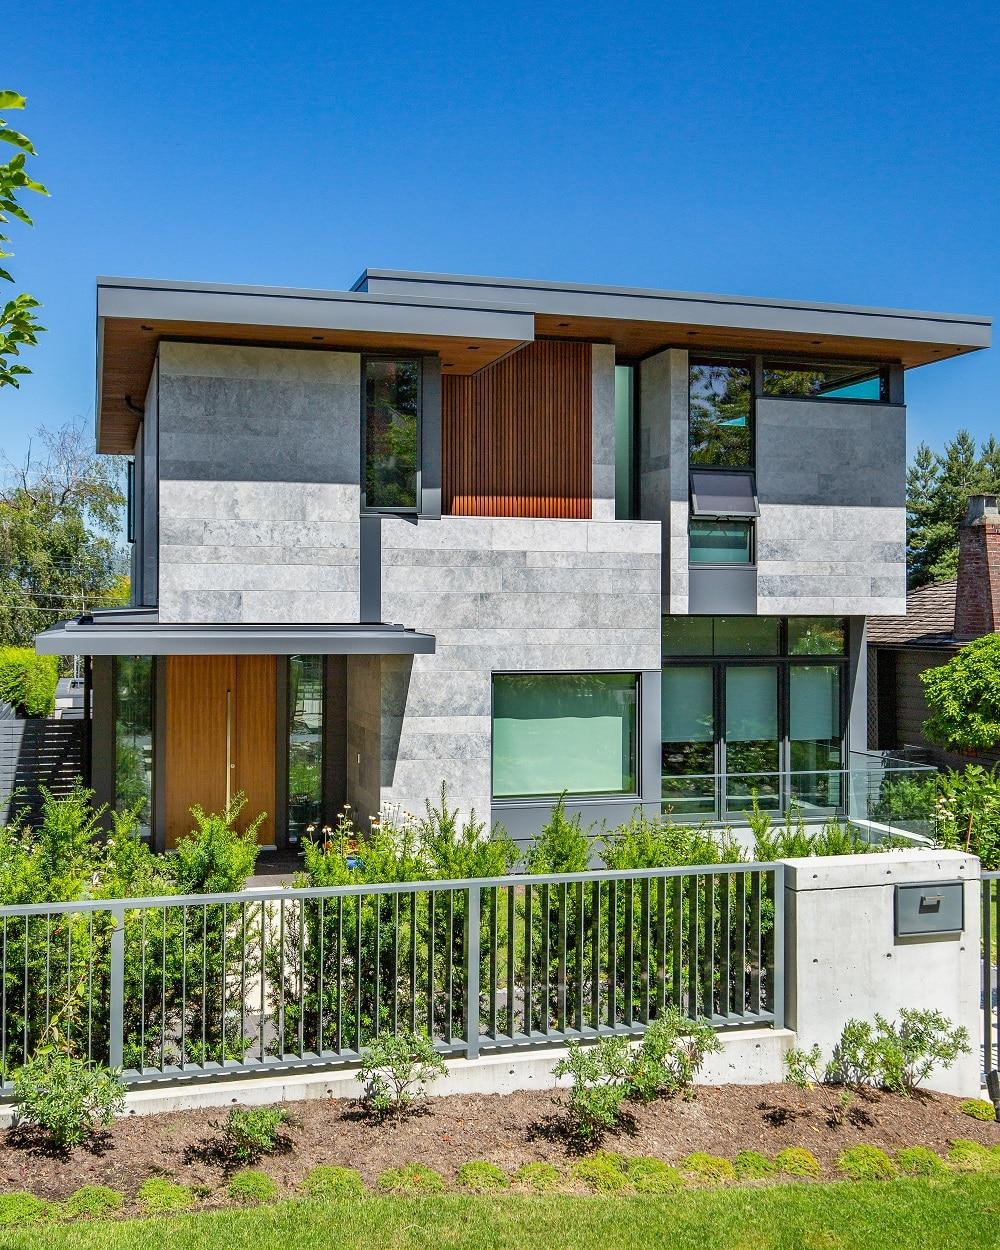 Résidence néoclassique à Vancouver